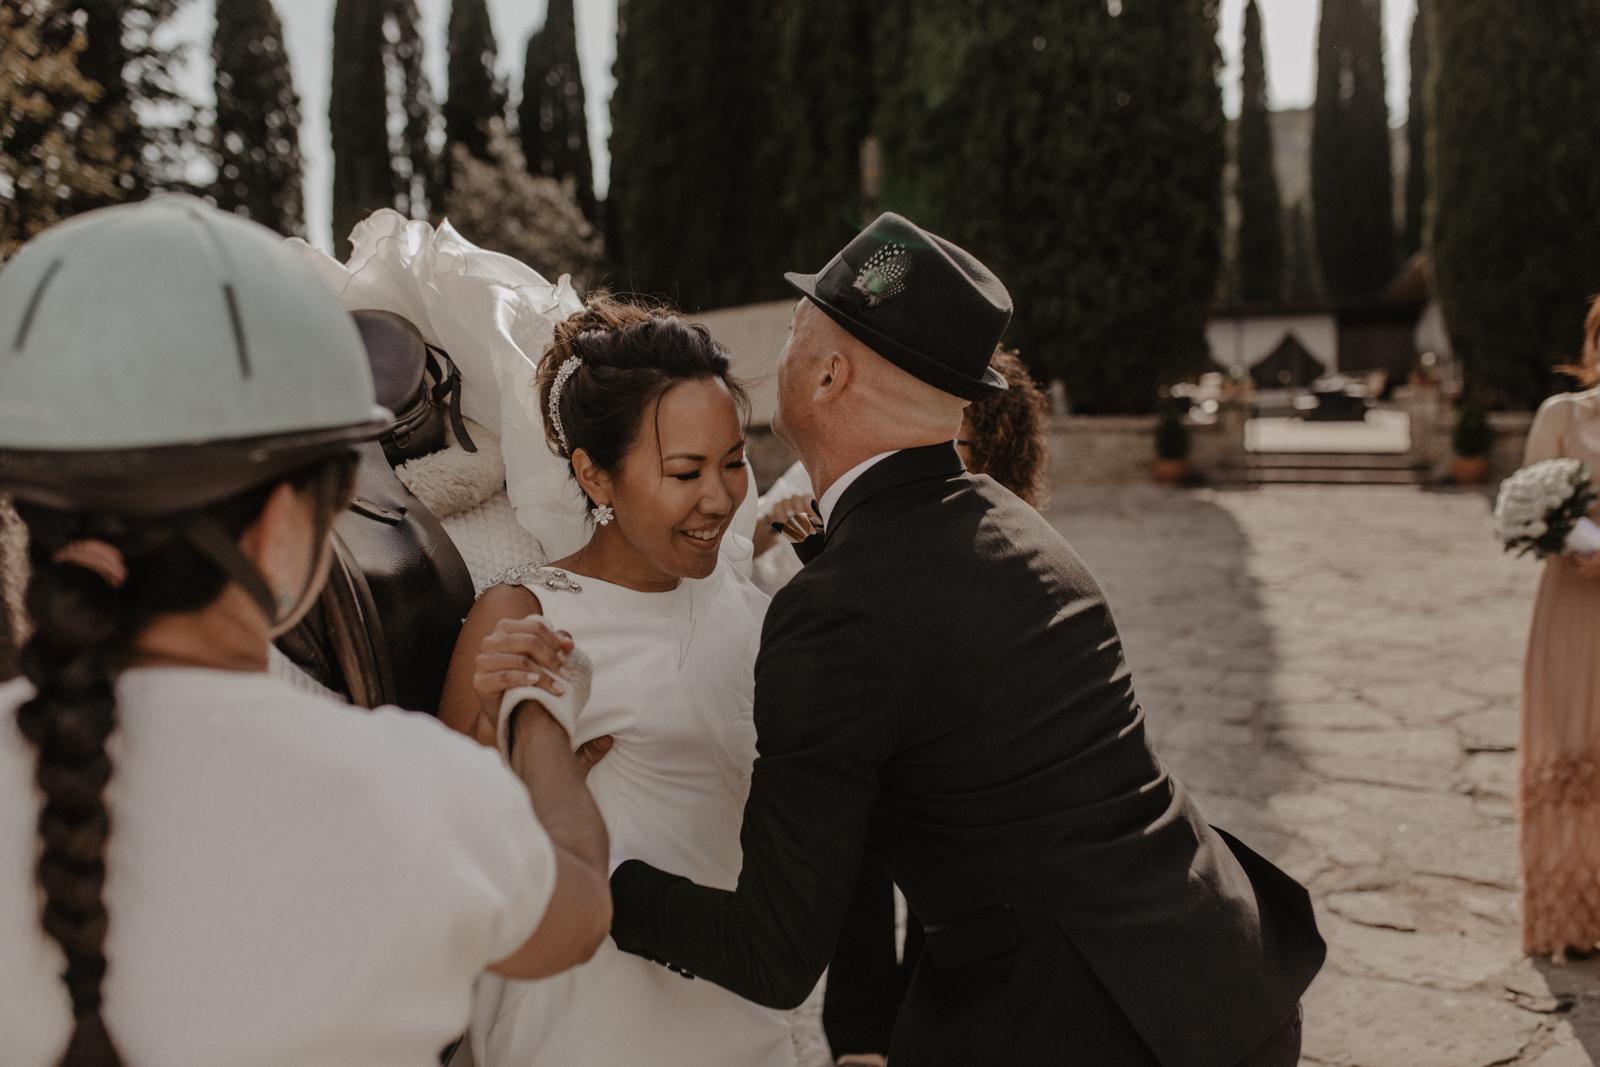 thenortherngirlphotography_photography_thenortherngirl_rebeccascabros_wedding_weddingphotography_weddingphotographer_barcelona_bodaenlabaronia_labaronia_japanesewedding_destinationwedding_shokoalbert-376.jpg